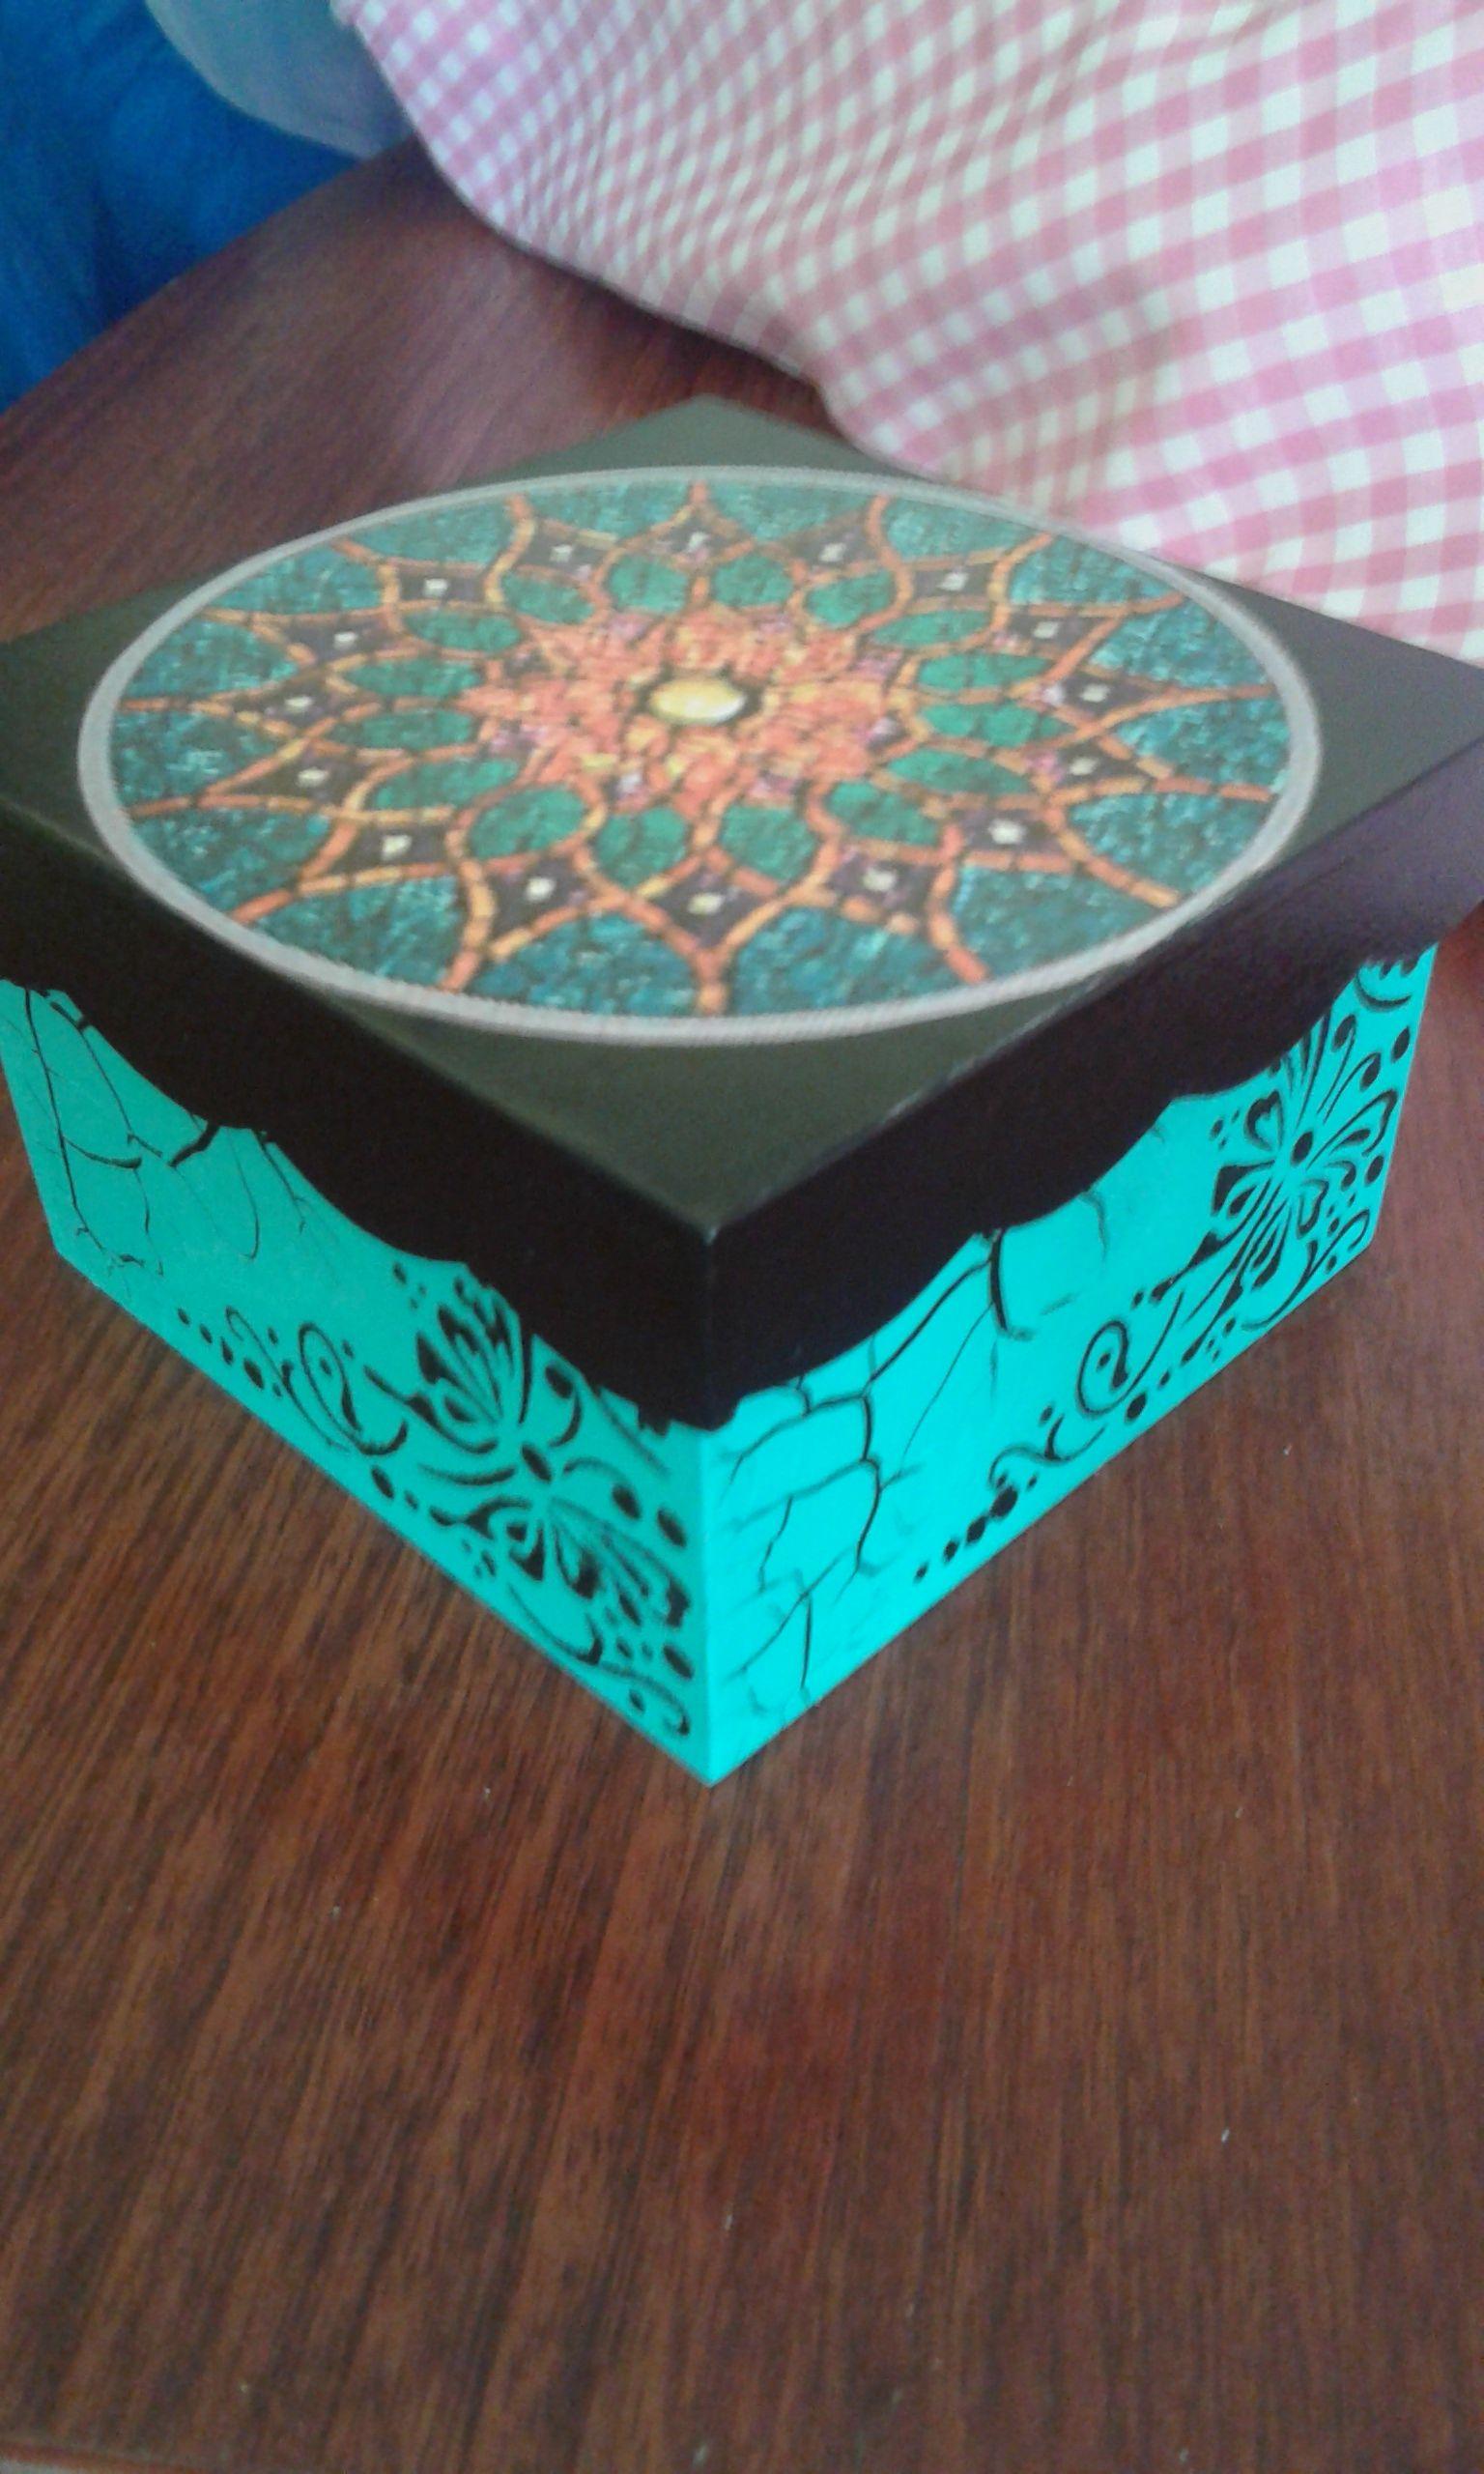 Caja Con Mandala Cajas Pintadas Cajas Decoradas Cajas [ 2560 x 1536 Pixel ]